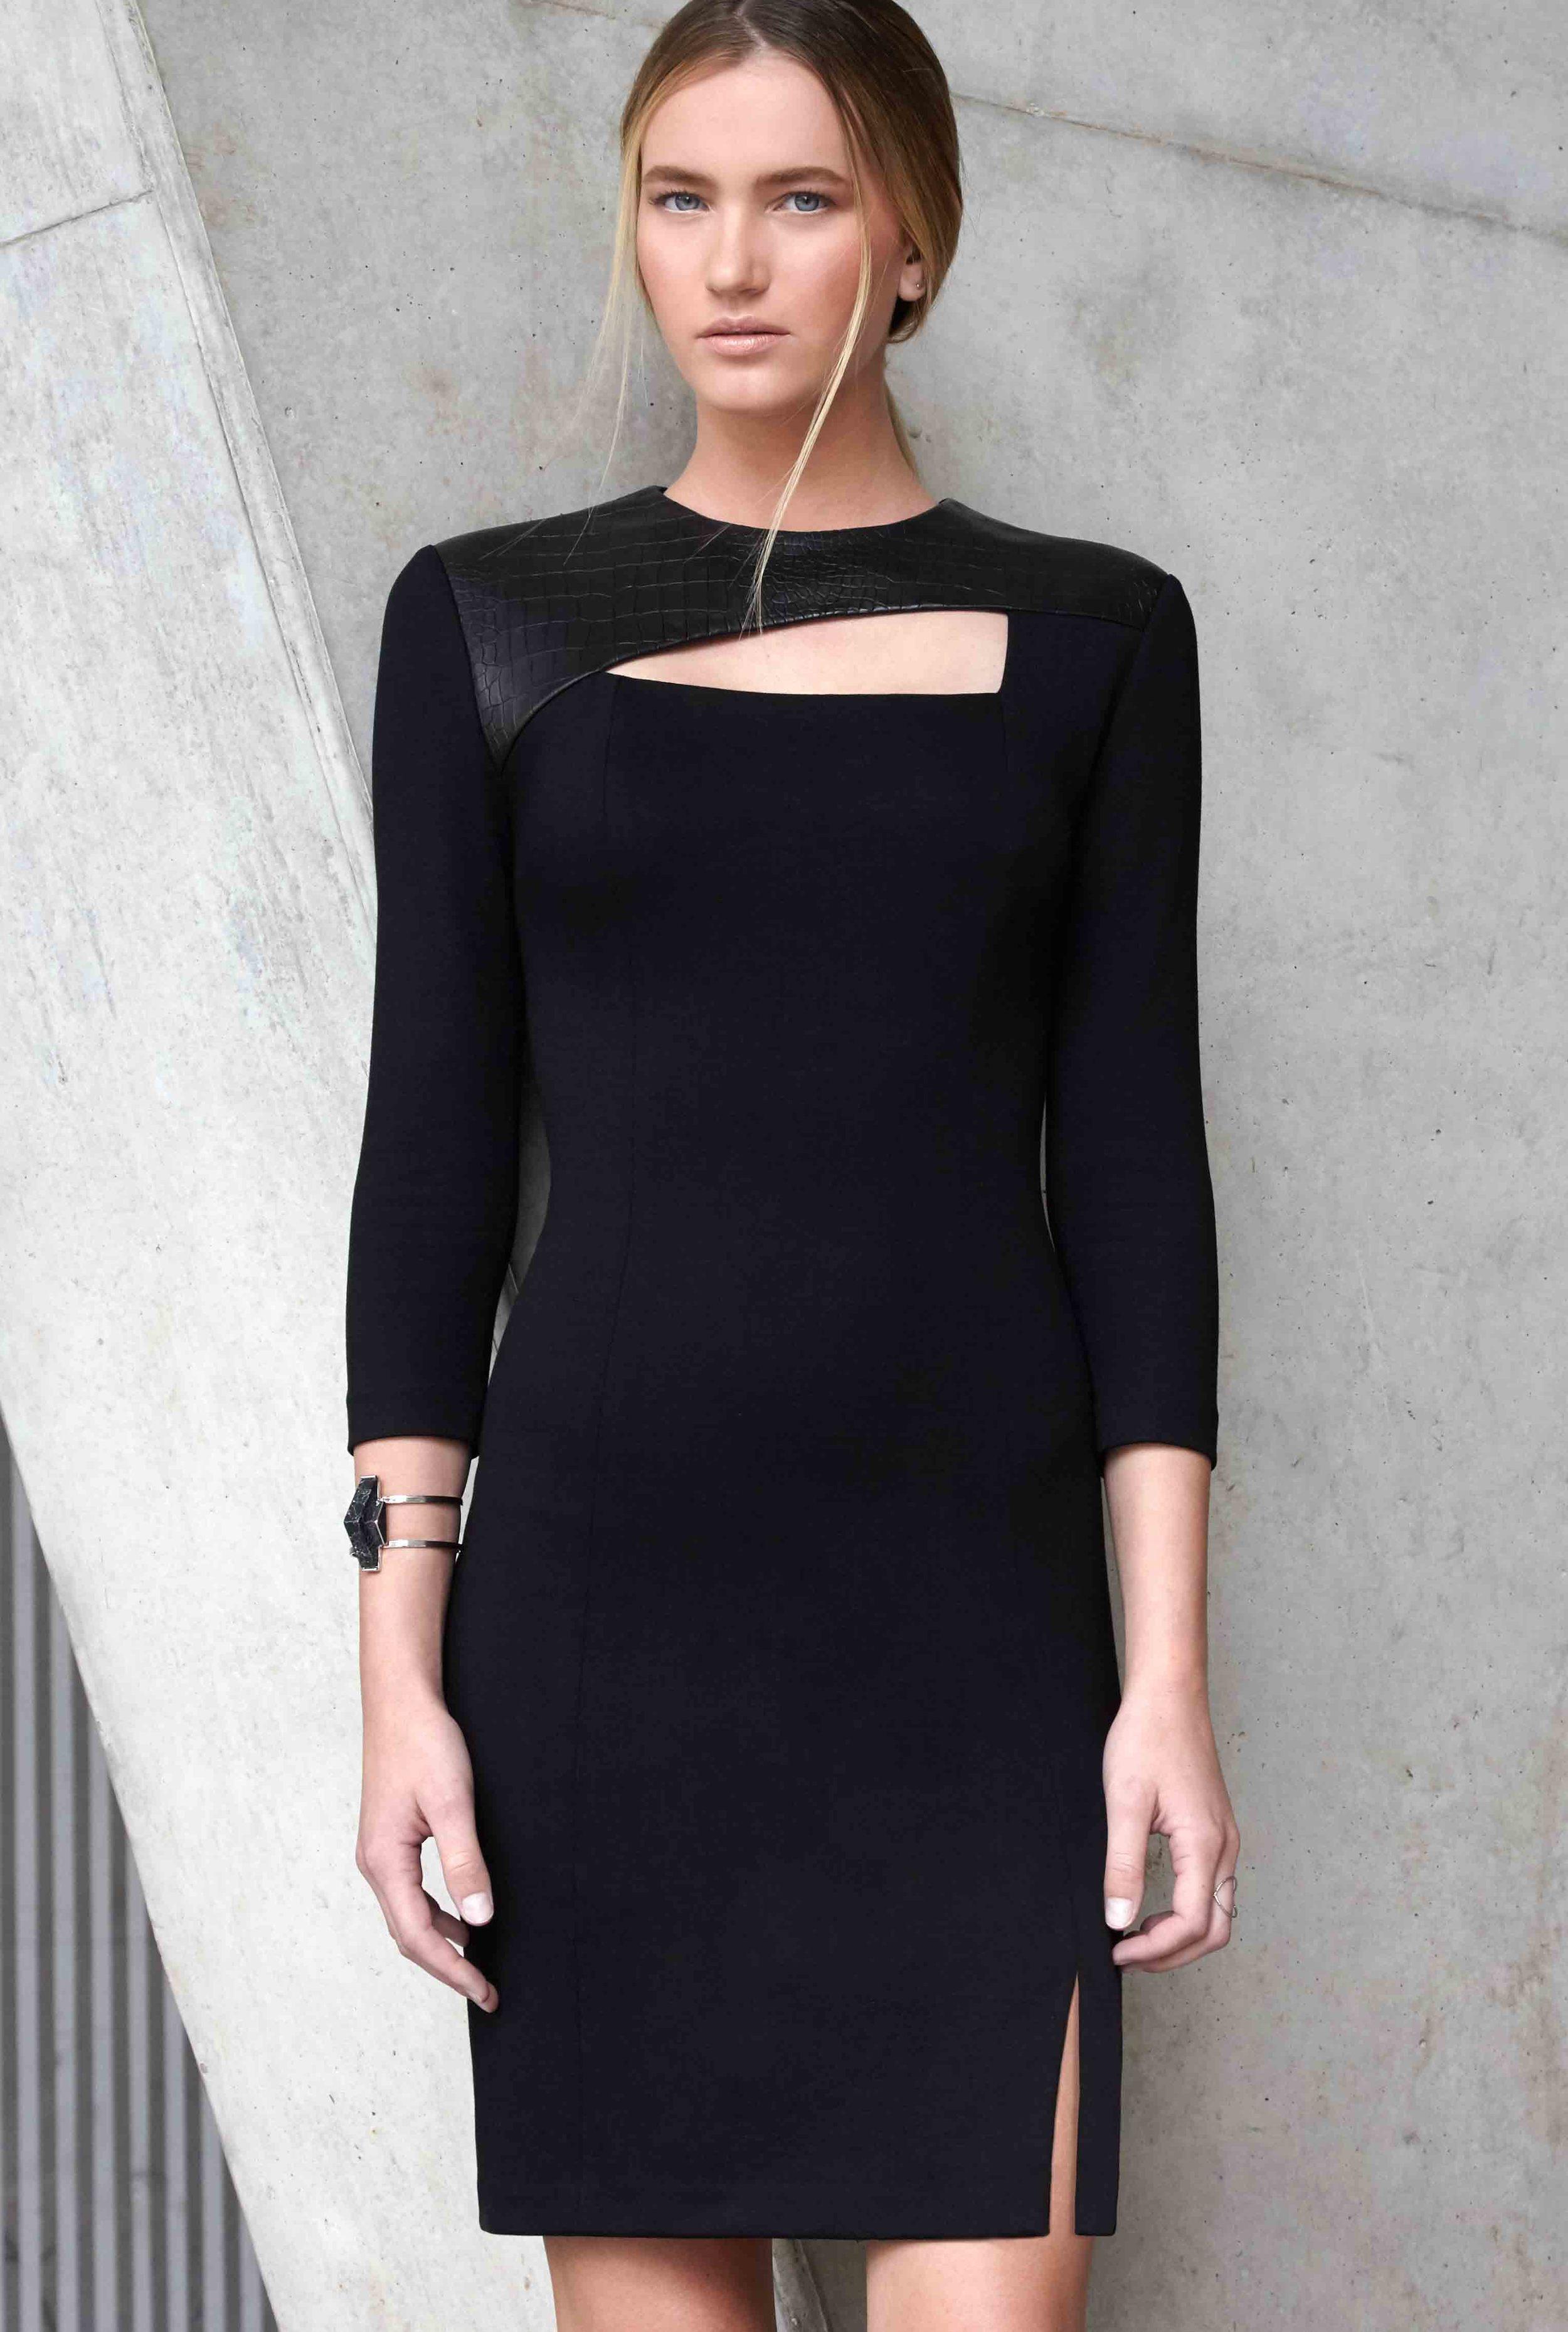 Shop Nina Verklas Collection